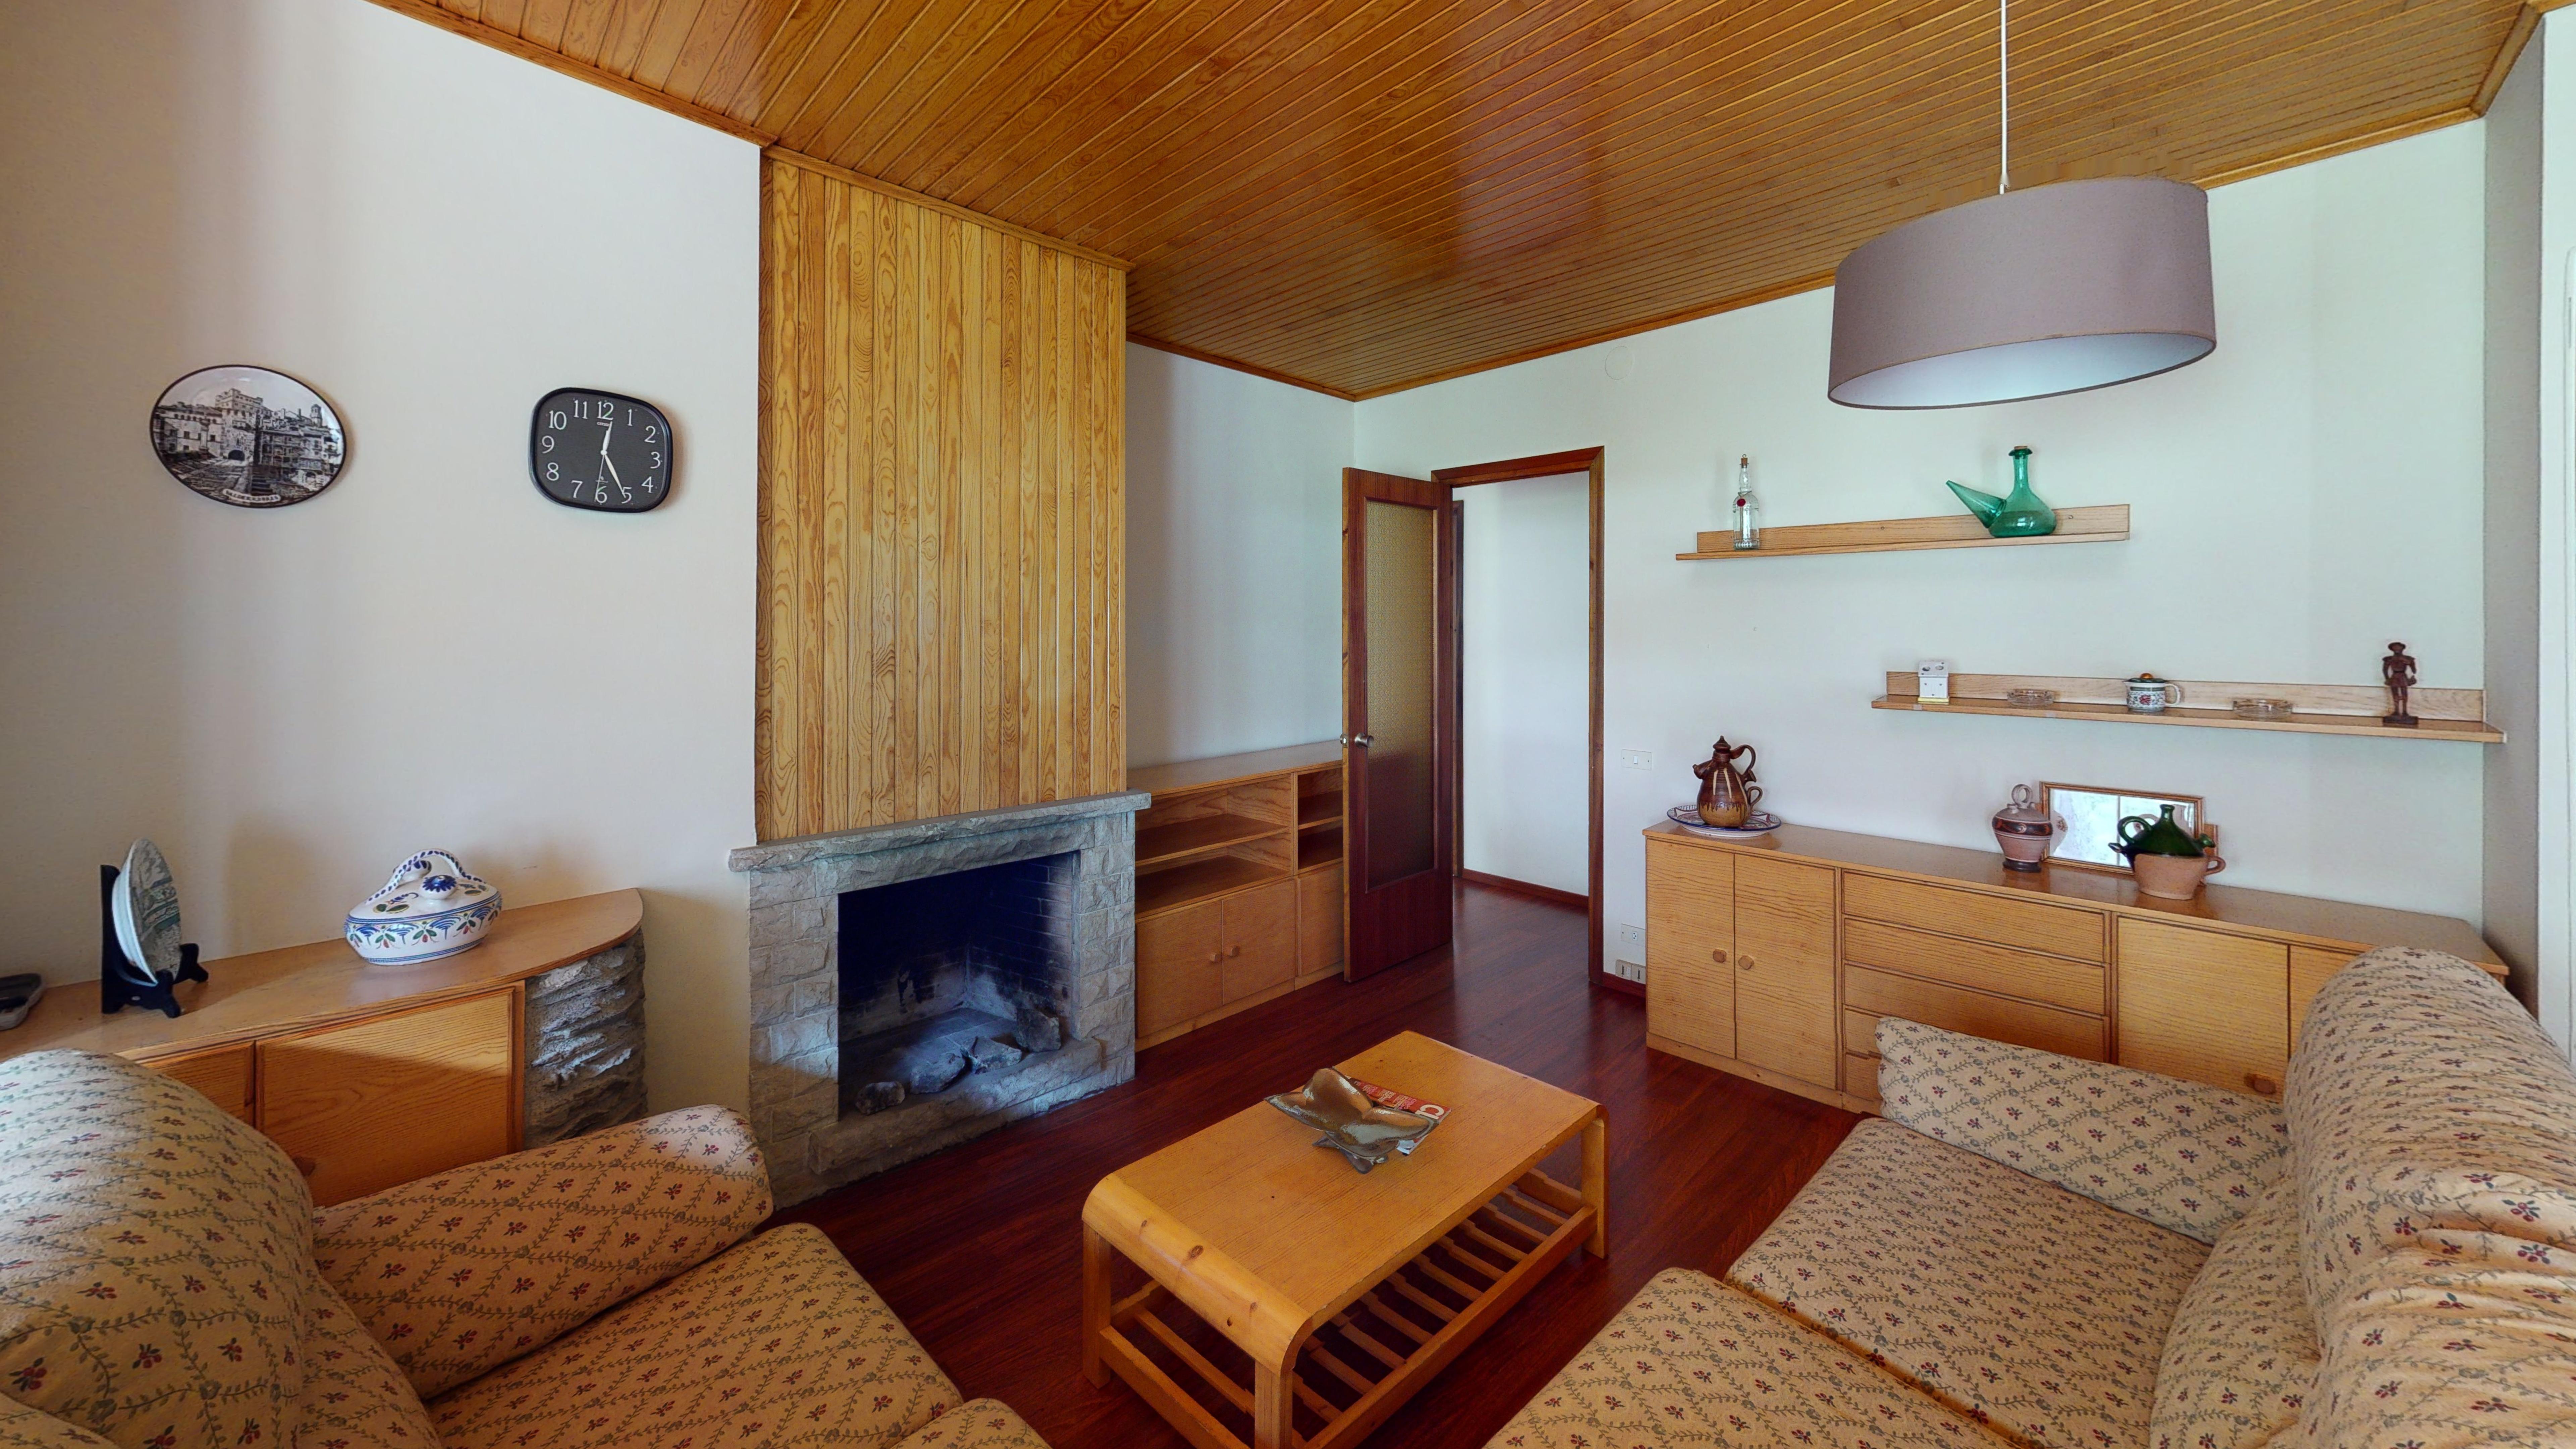 Pis en venda a Arinsal, 3 habitacions, 80 metres